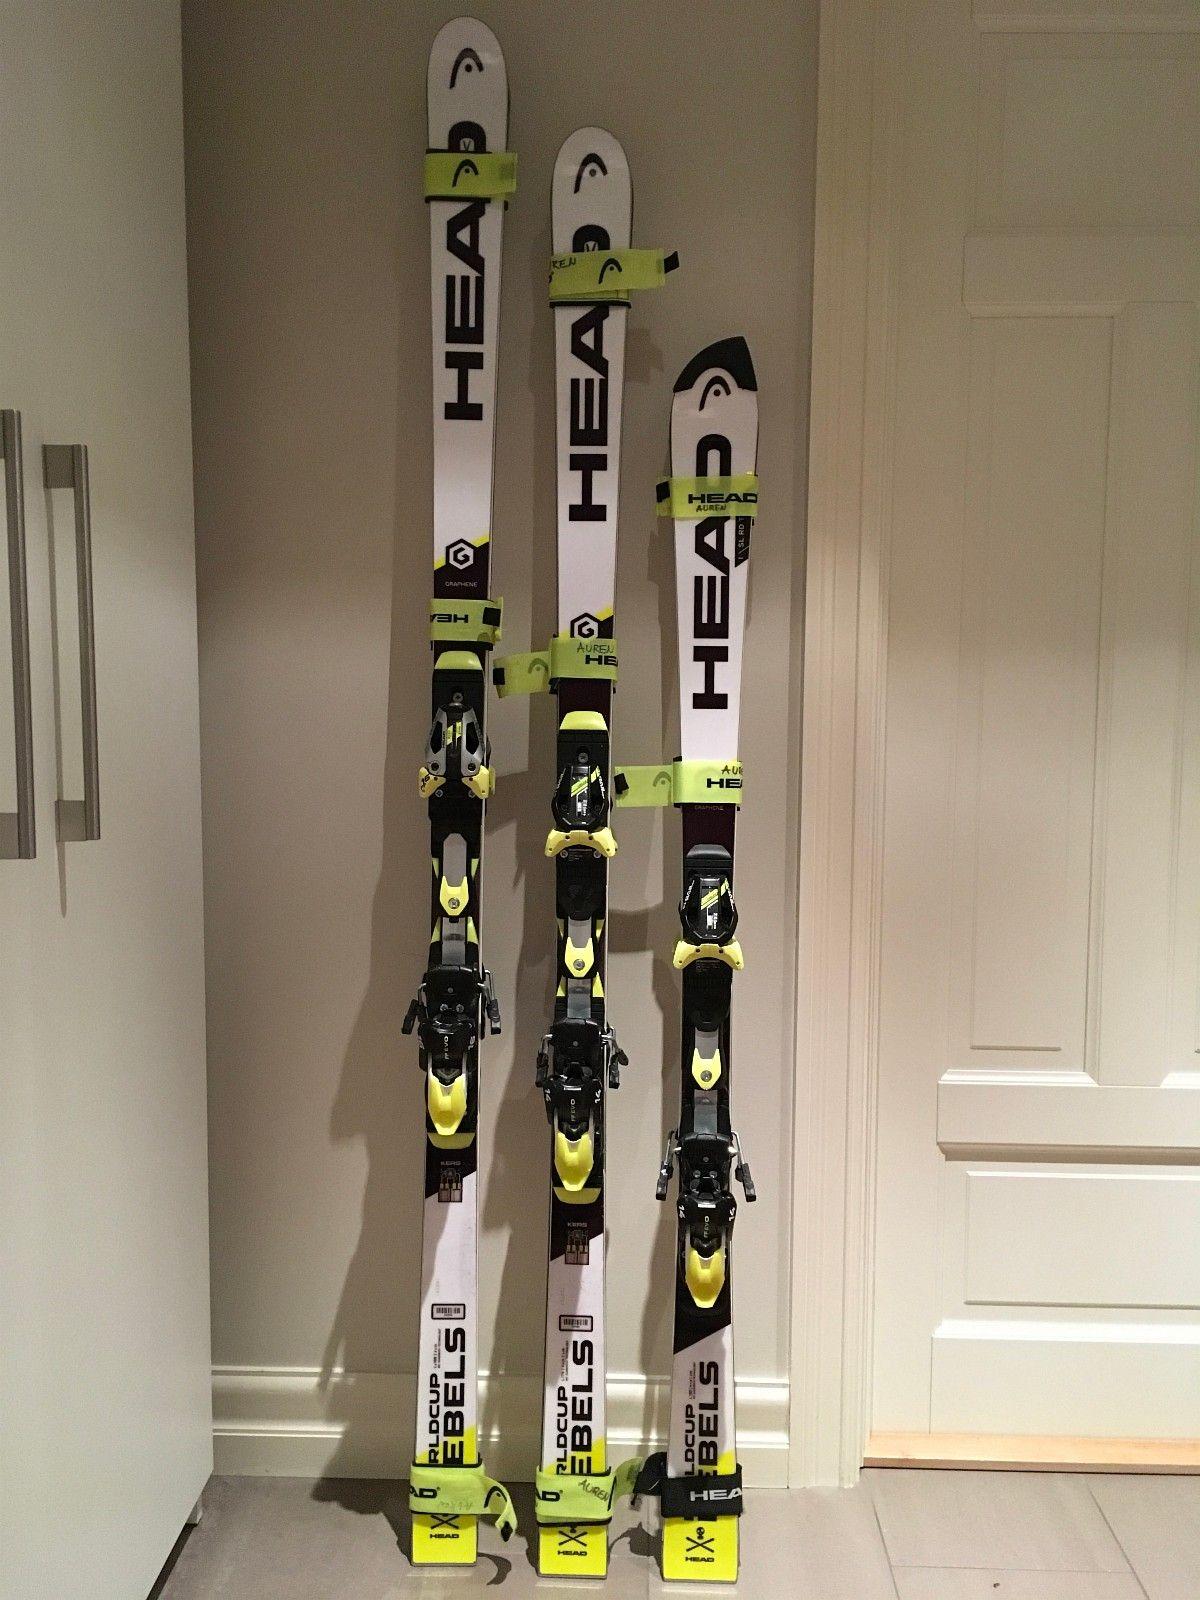 Head racing ski - Jar  - * Head RD SL 150 (11,8r) m/EVO 14 binding * Head RD SSL 176 (23r) m/EVO 14 binding * Head RD SSL 188 (30r) m/EVO 16 binding  Alle tre parene har vært rennski, er pent holdt og har rikelig med kant igjen. - Jar